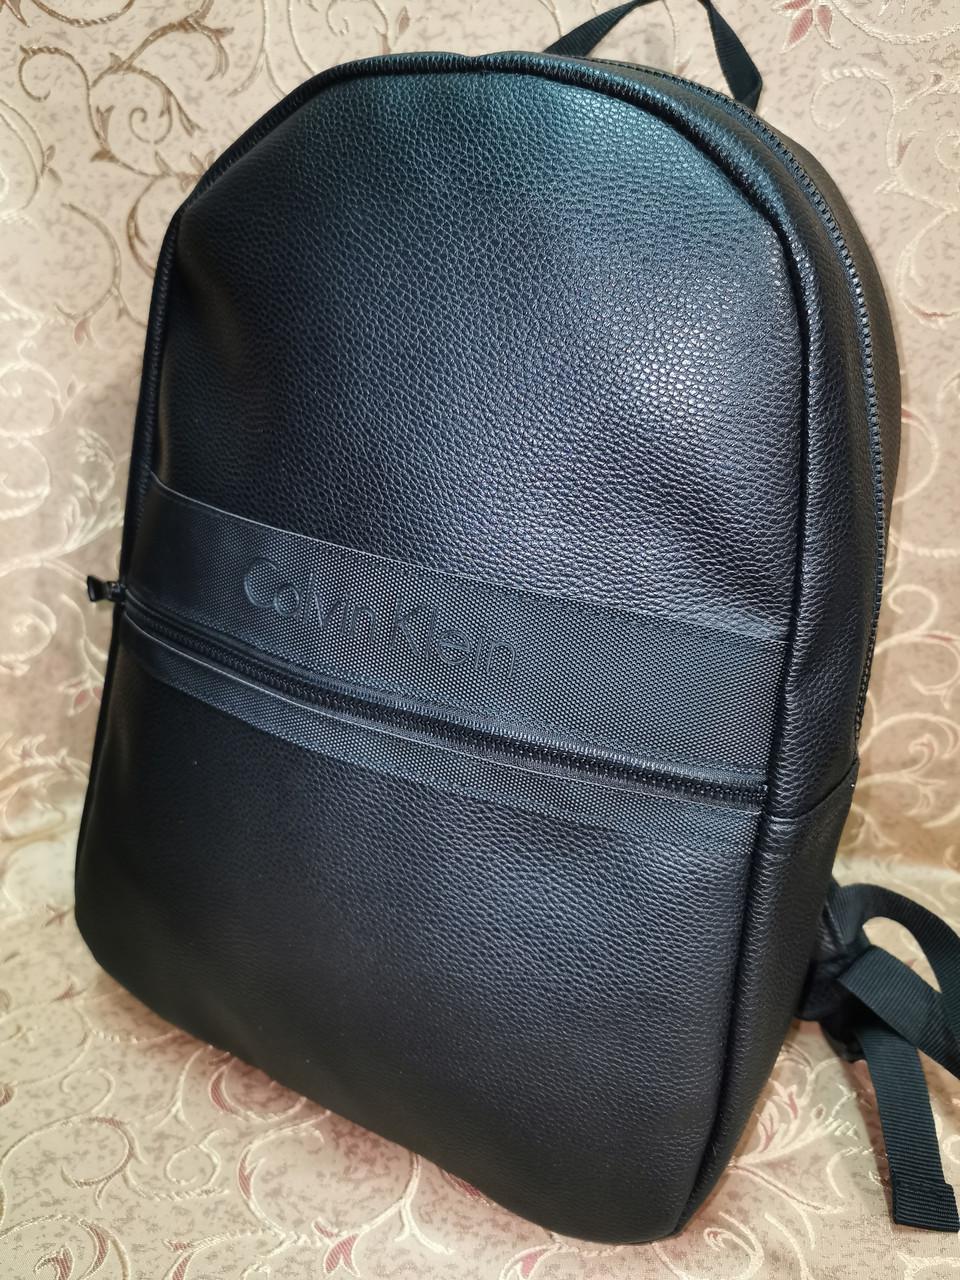 Высококачественный рюкзак кожи calvin klein модный стиль для мужчин и женщин городской Только оптом